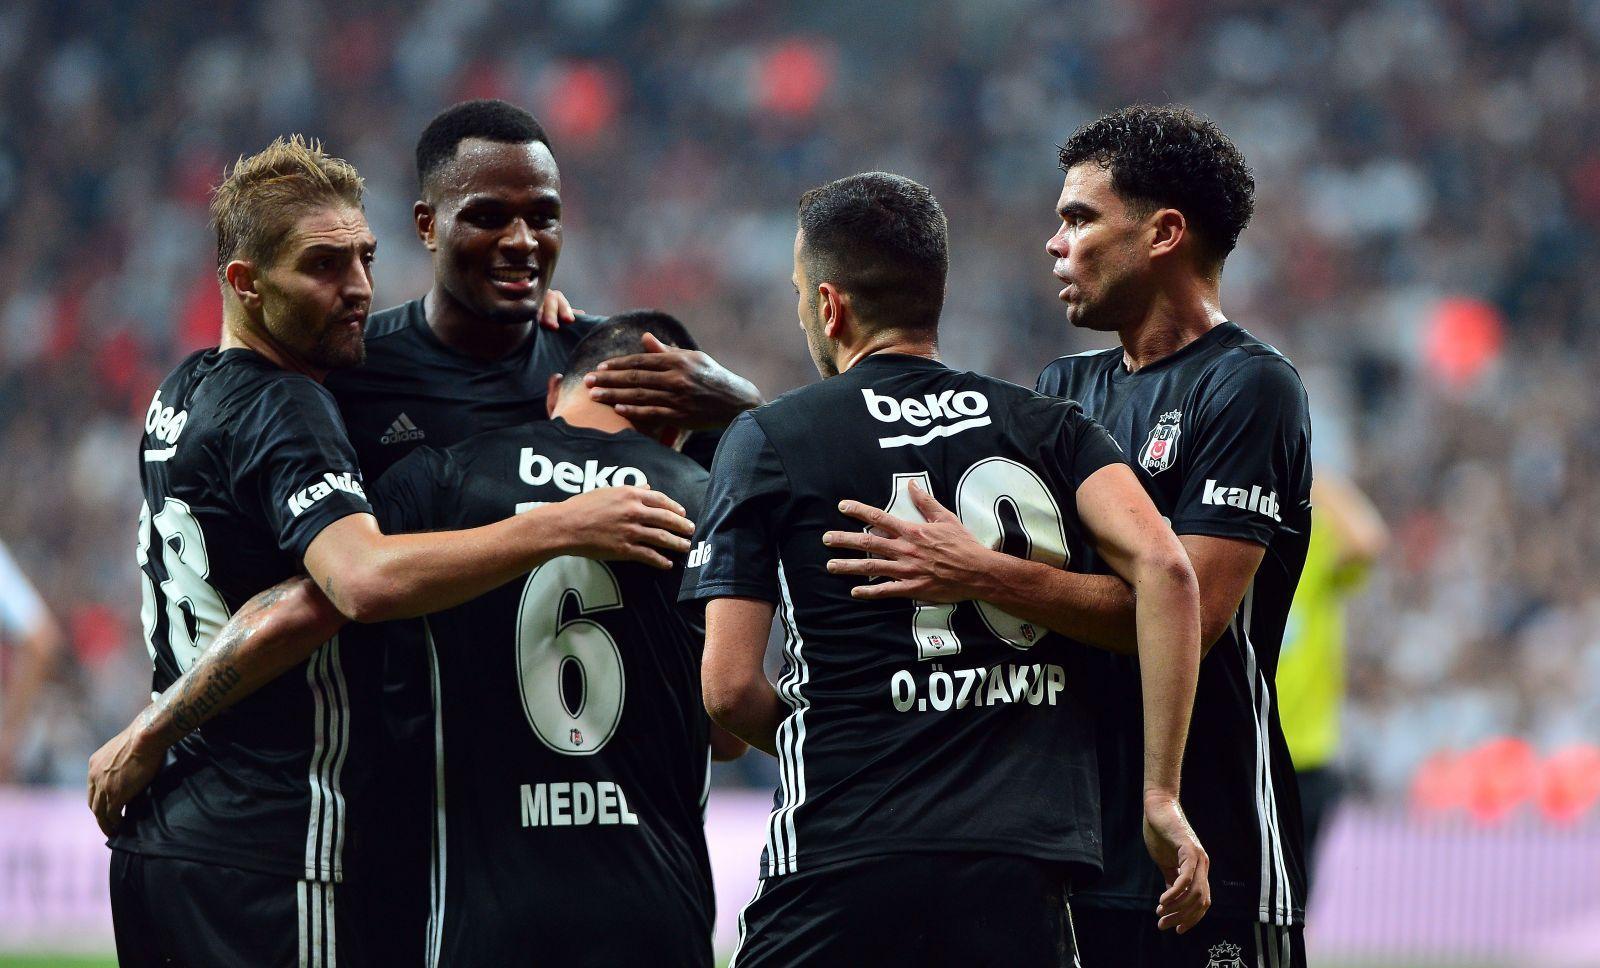 Beşiktaş Porto Maçı Canlı İzle 21 Kasım 2019